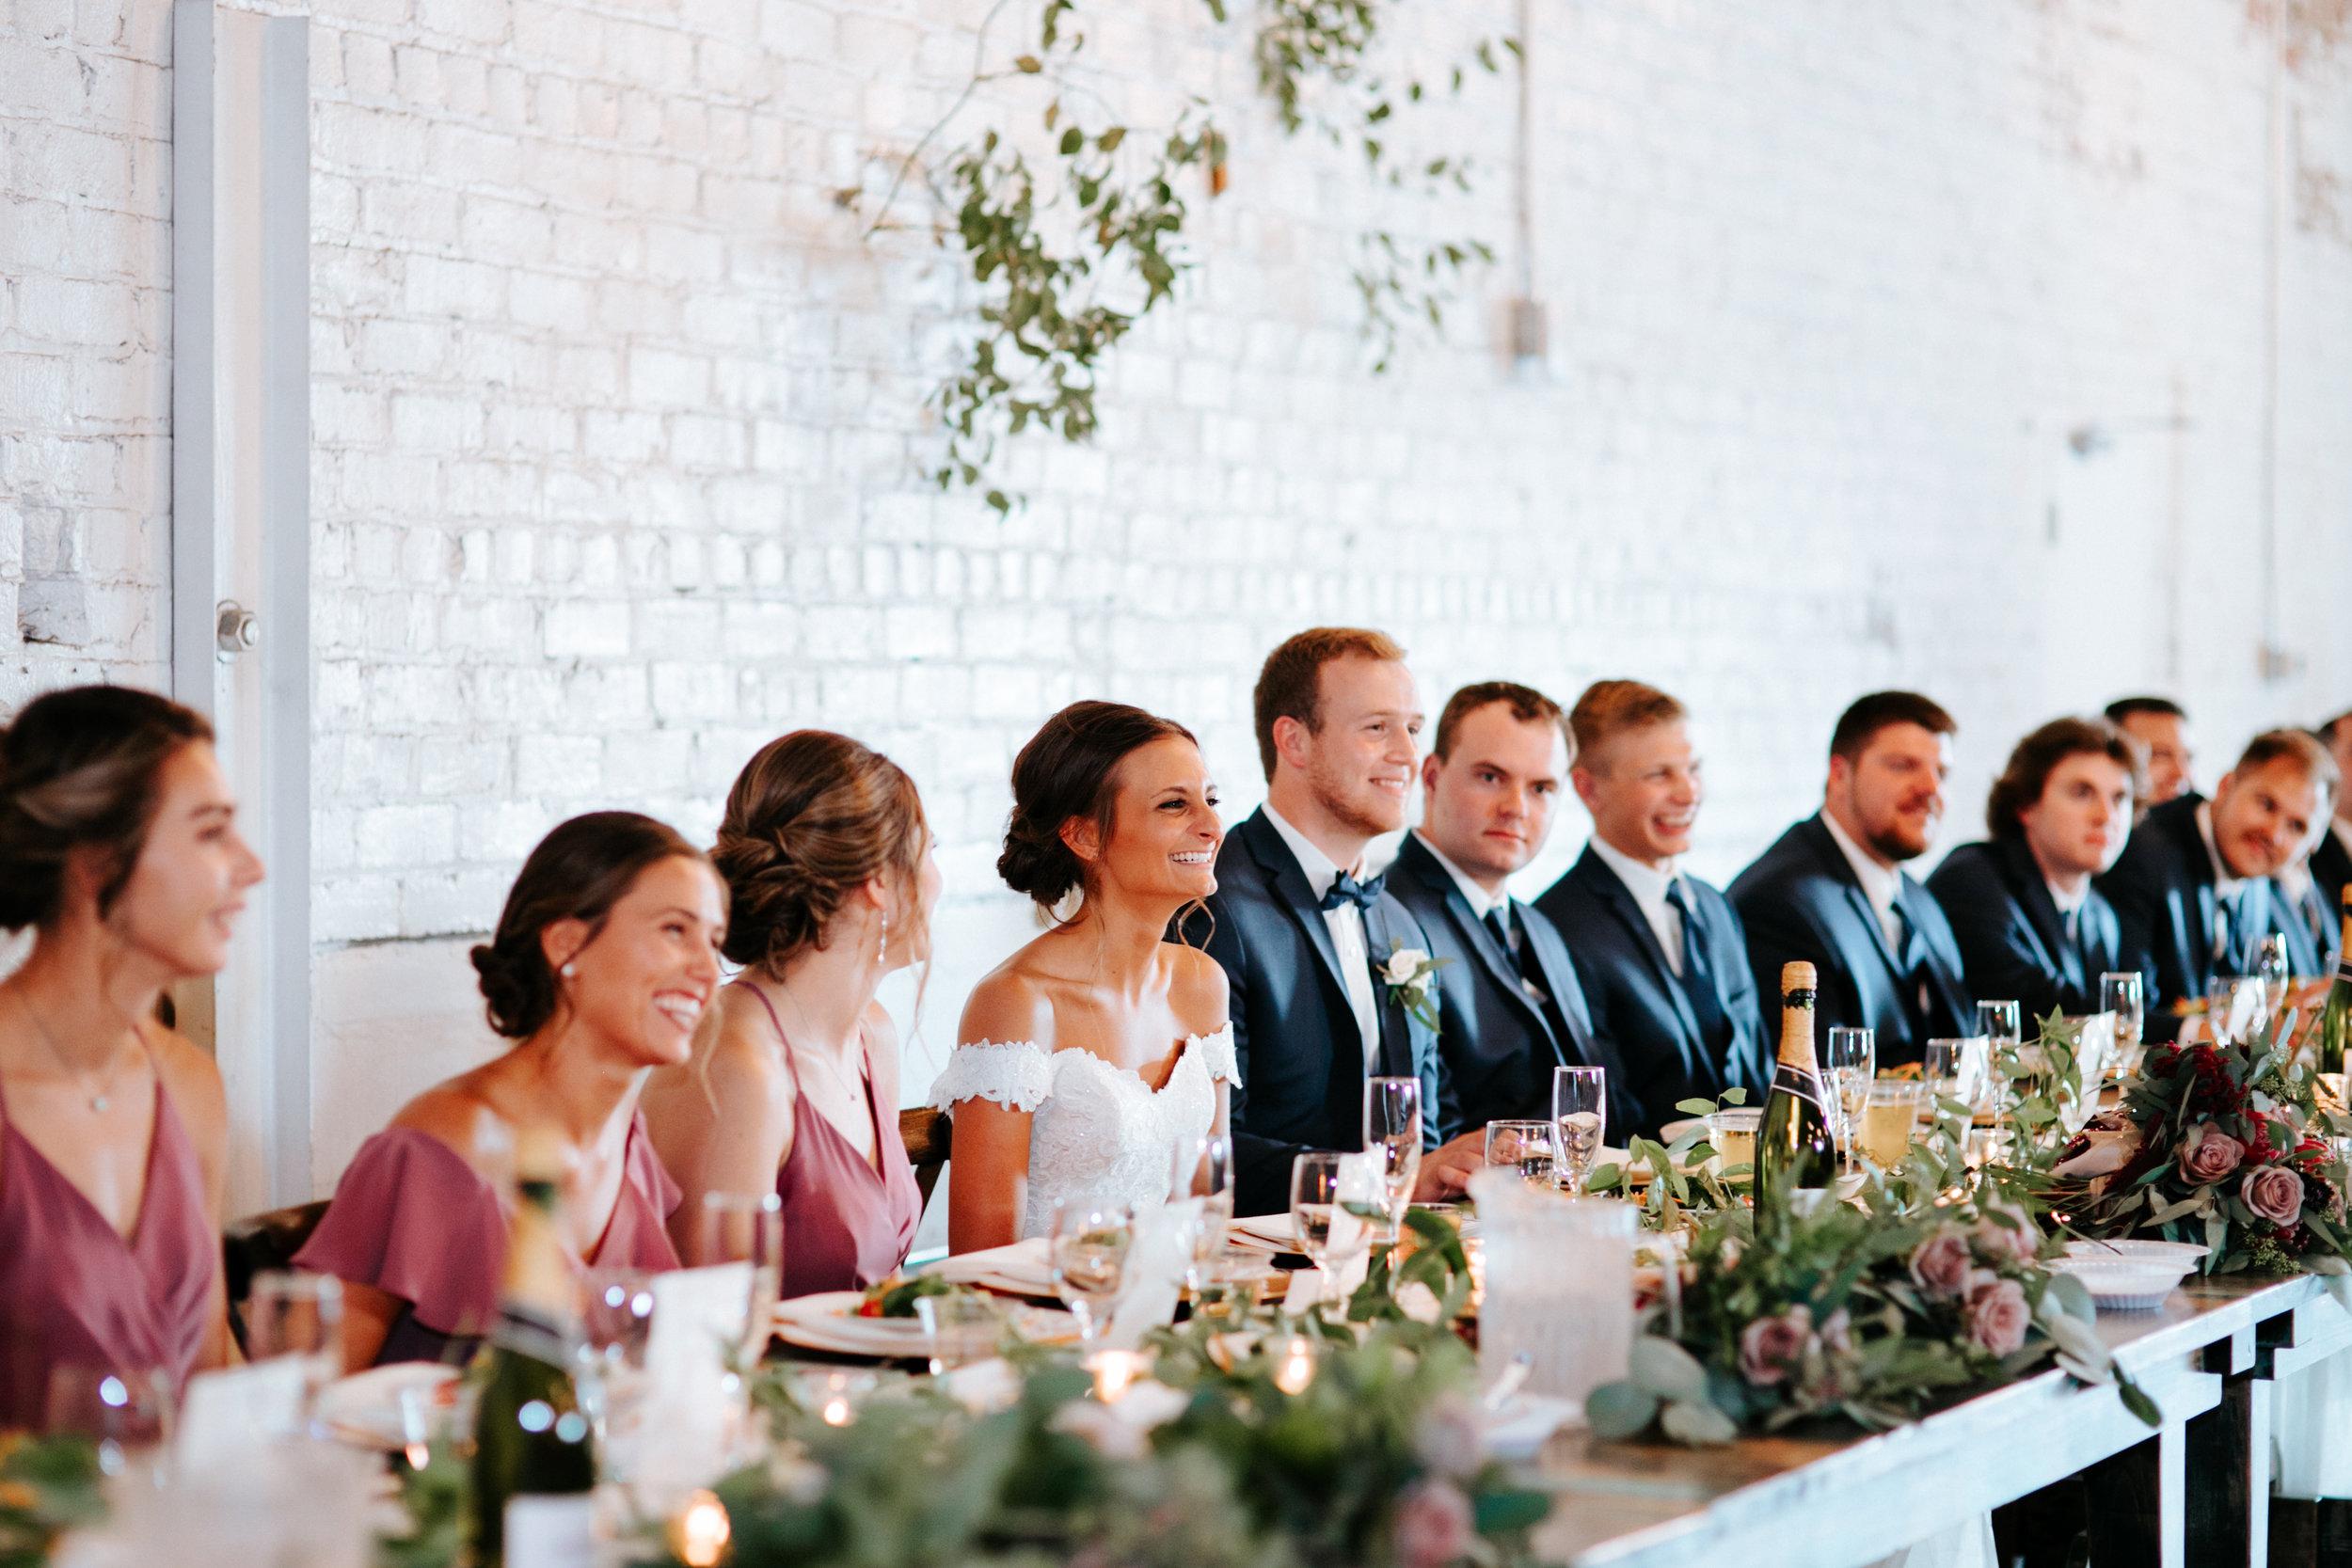 KK-Wedding-846.jpg